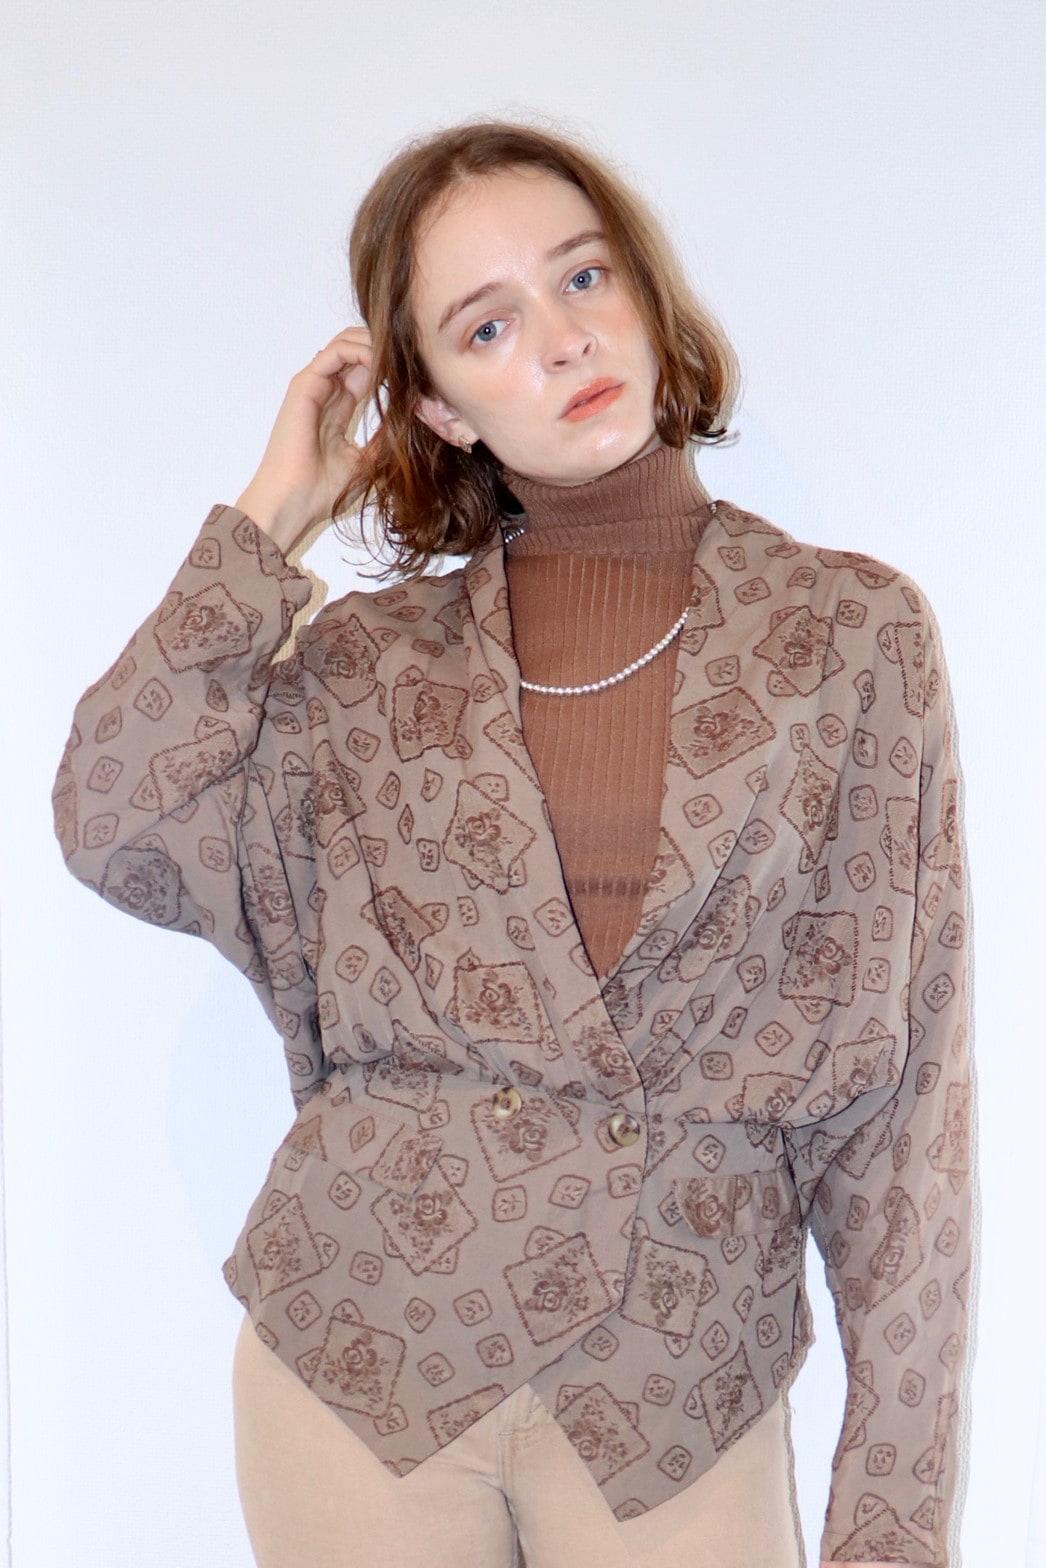 外国人モデル アリョーナの写真5